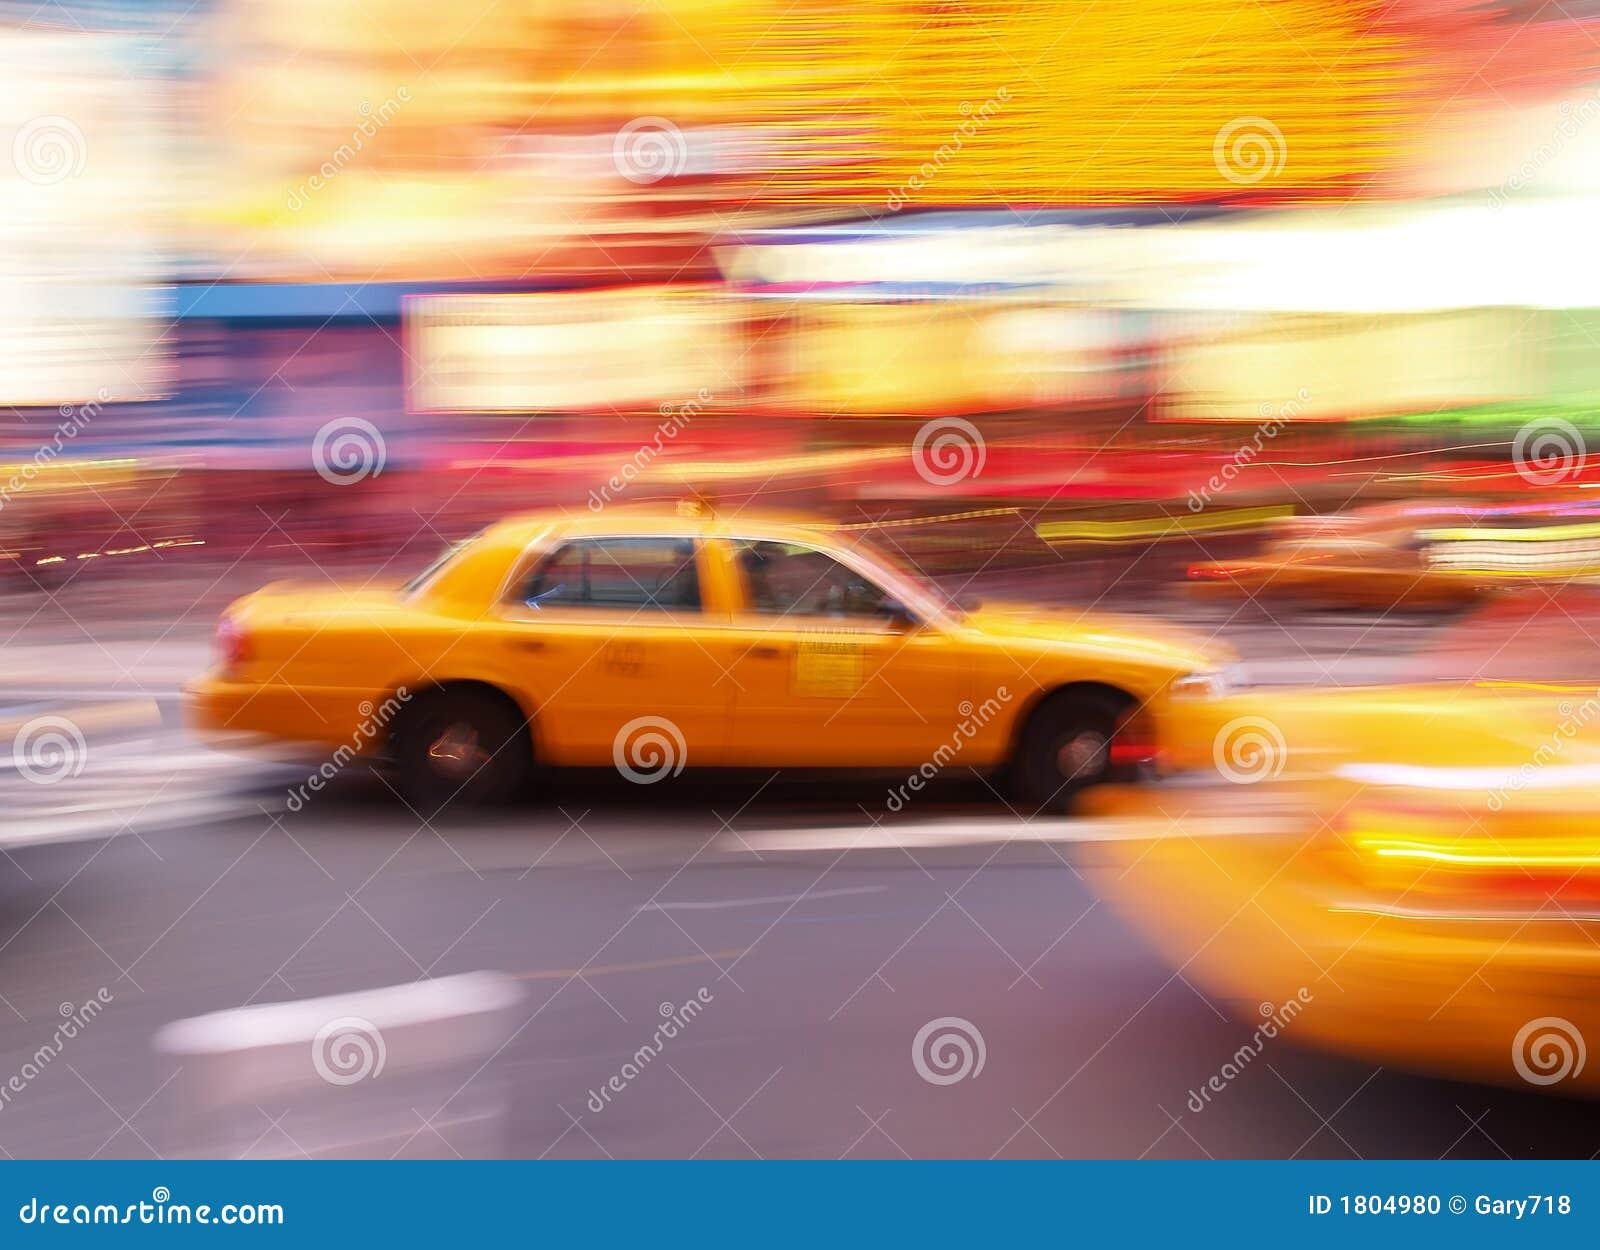 Taksówka razy kwadratowe nowego jorku